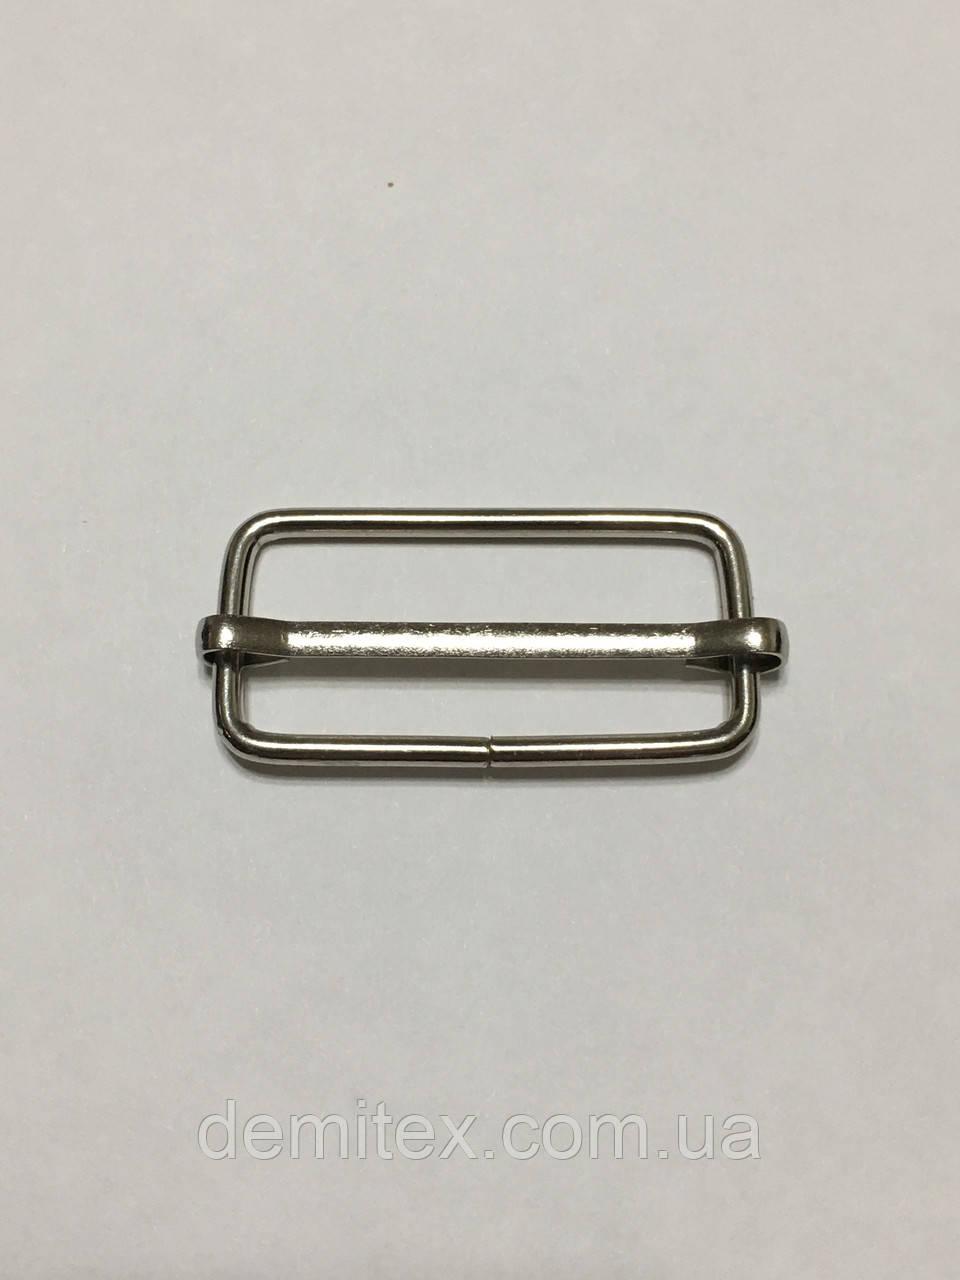 Рамка регулятор Перетяжка 30х14х2мм никель